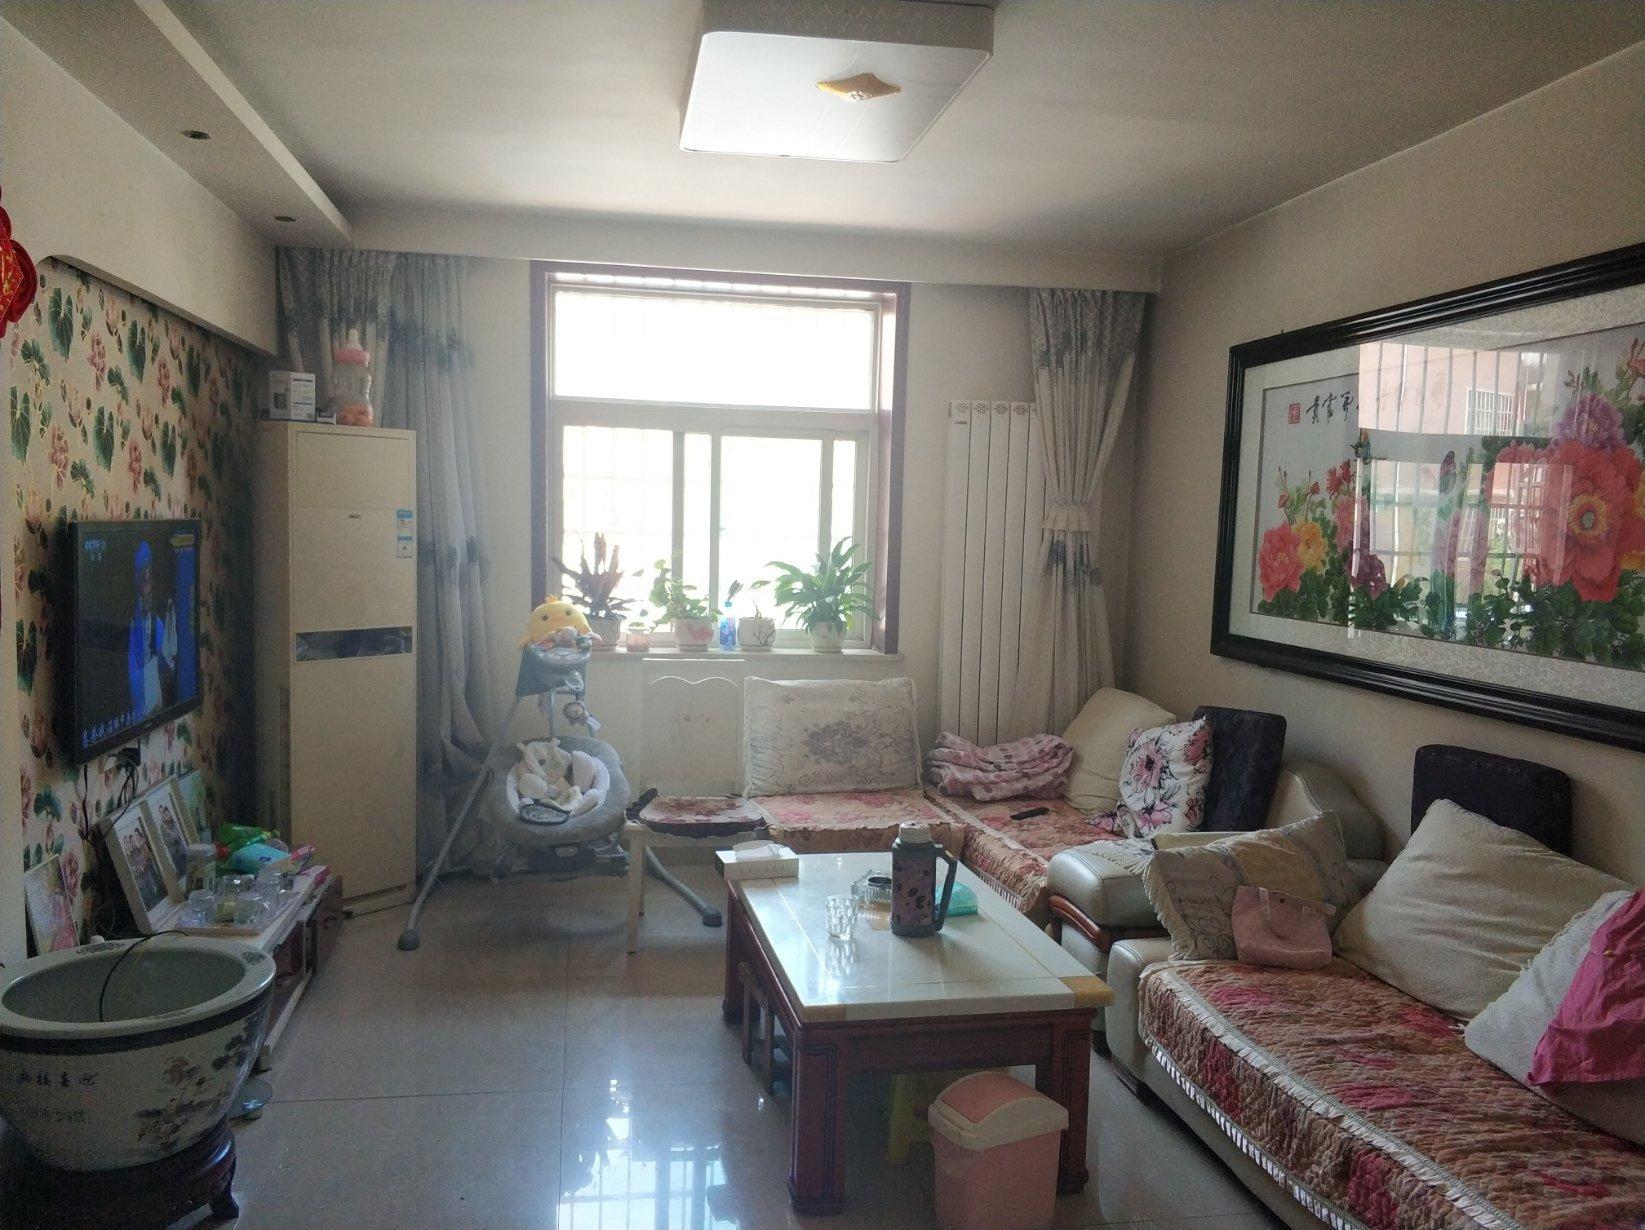 南环 隆盛华庭一楼 简装3室 南北通透 送小院和地下室